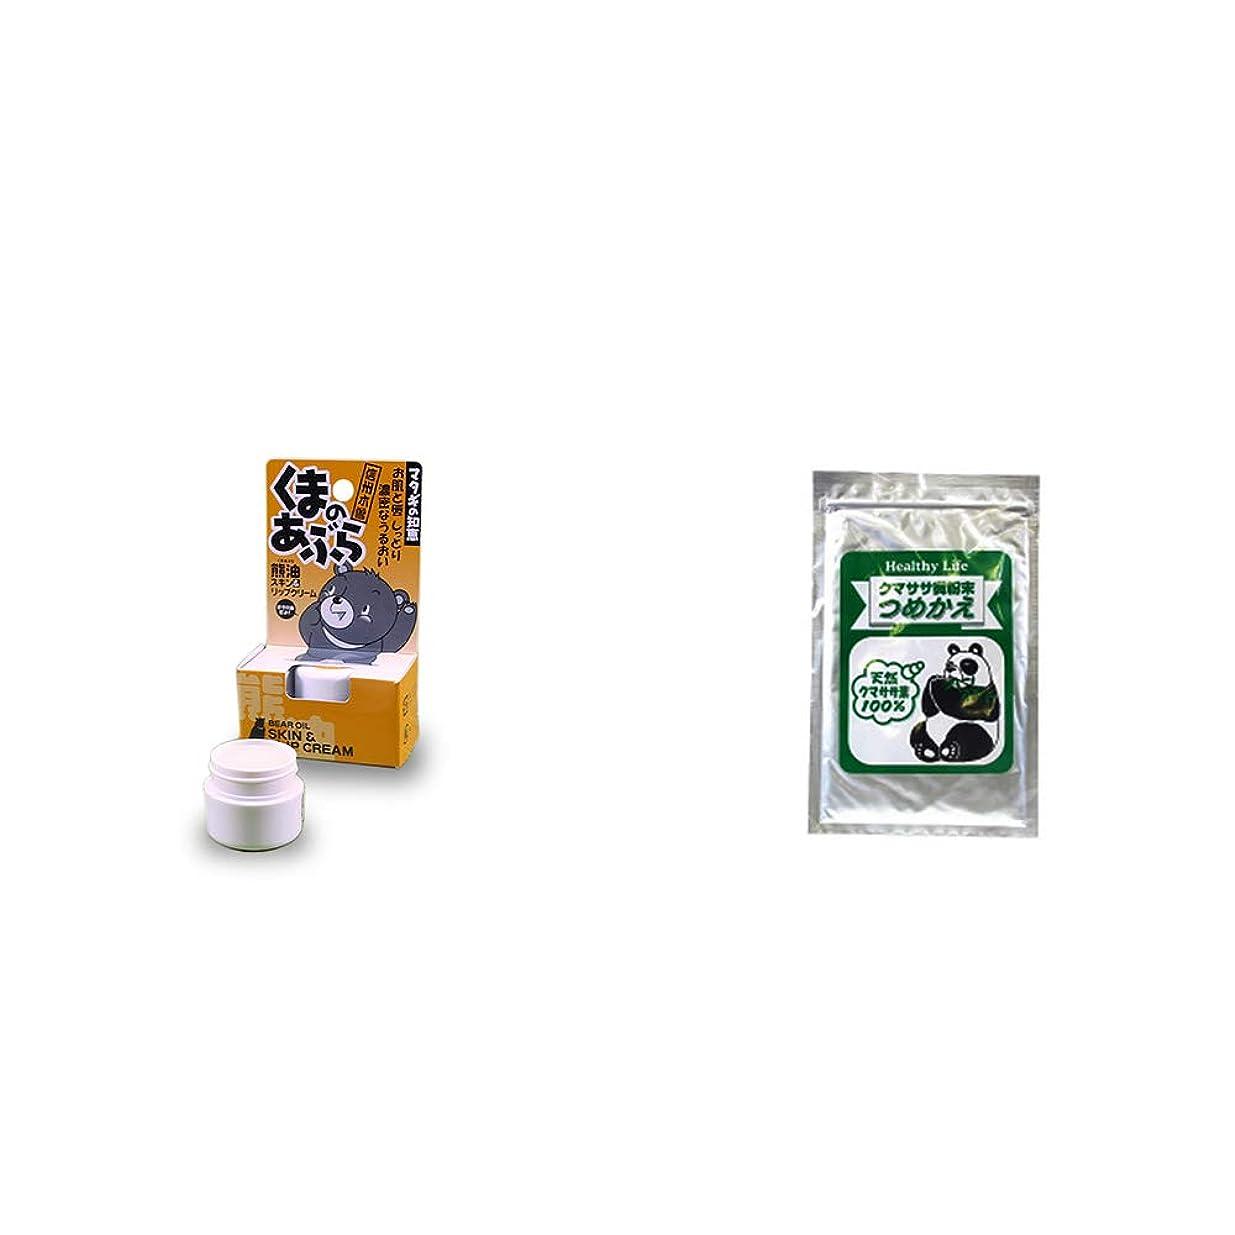 テクニカル充電期待[2点セット] 信州木曽 くまのあぶら 熊油スキン&リップクリーム(9g)?木曽産 熊笹100% クマササ微粉末 詰め替え用 (60g)